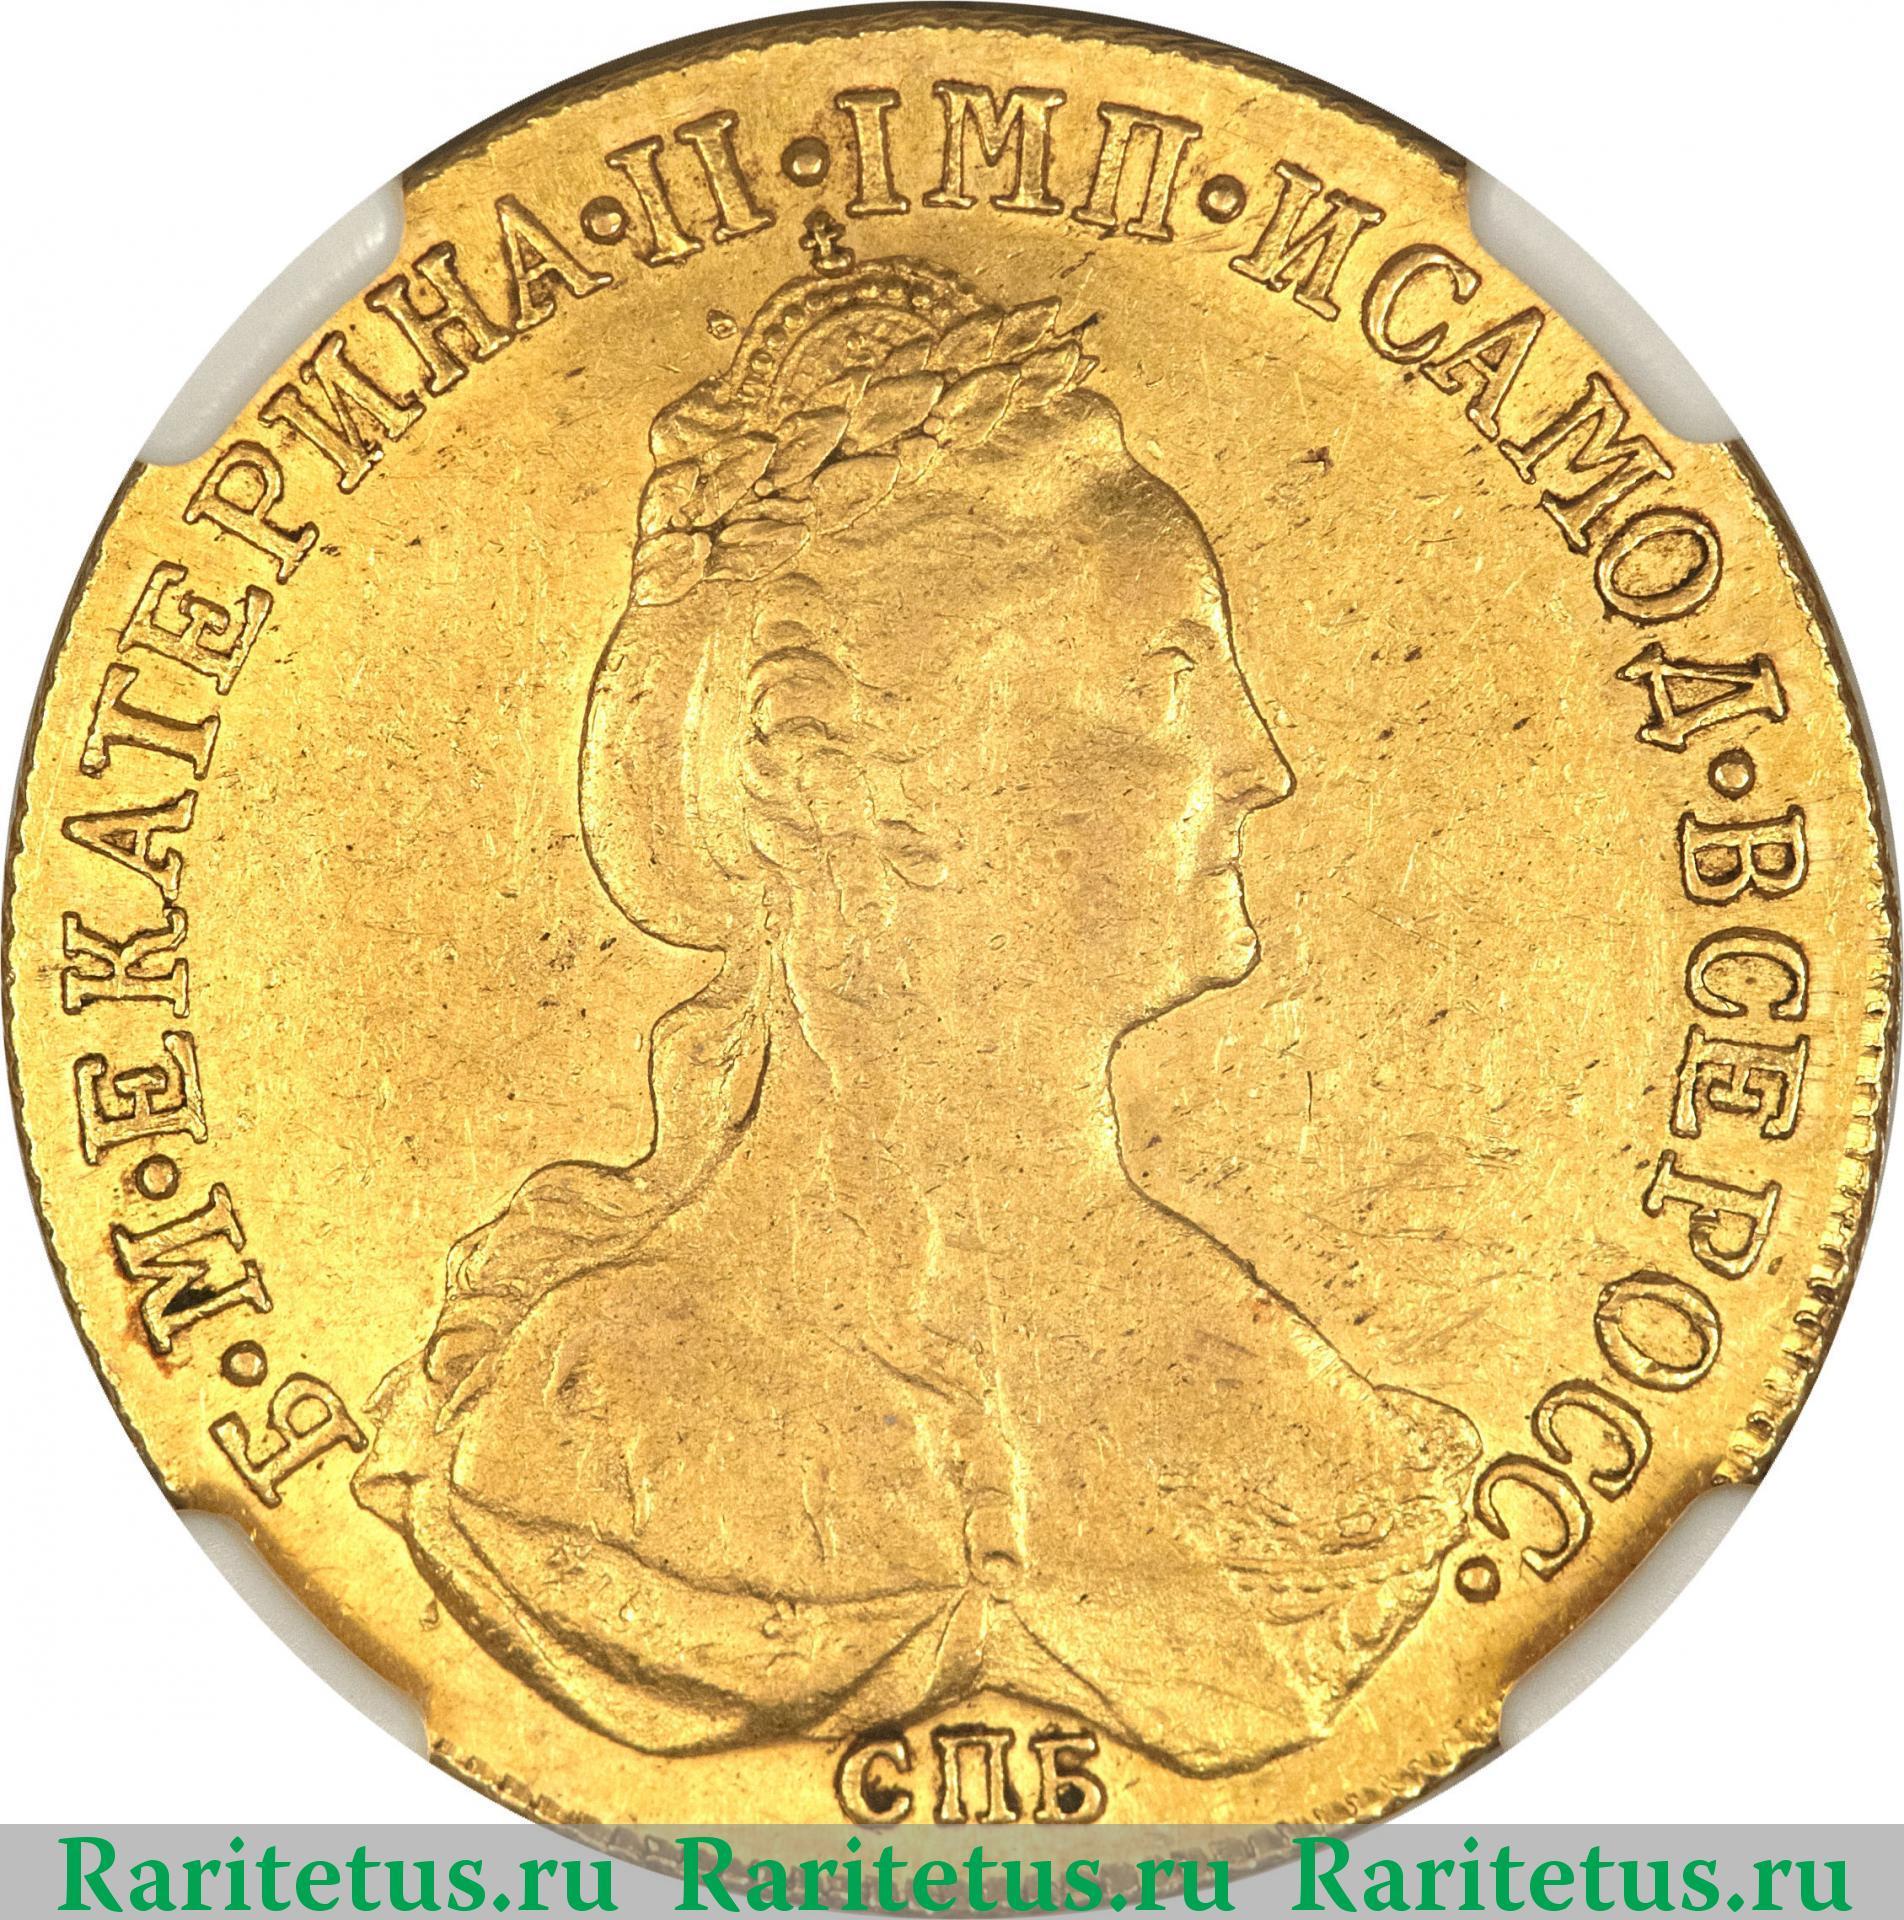 Царские монеты стоимость 10 рублей альбом для 1 рубля